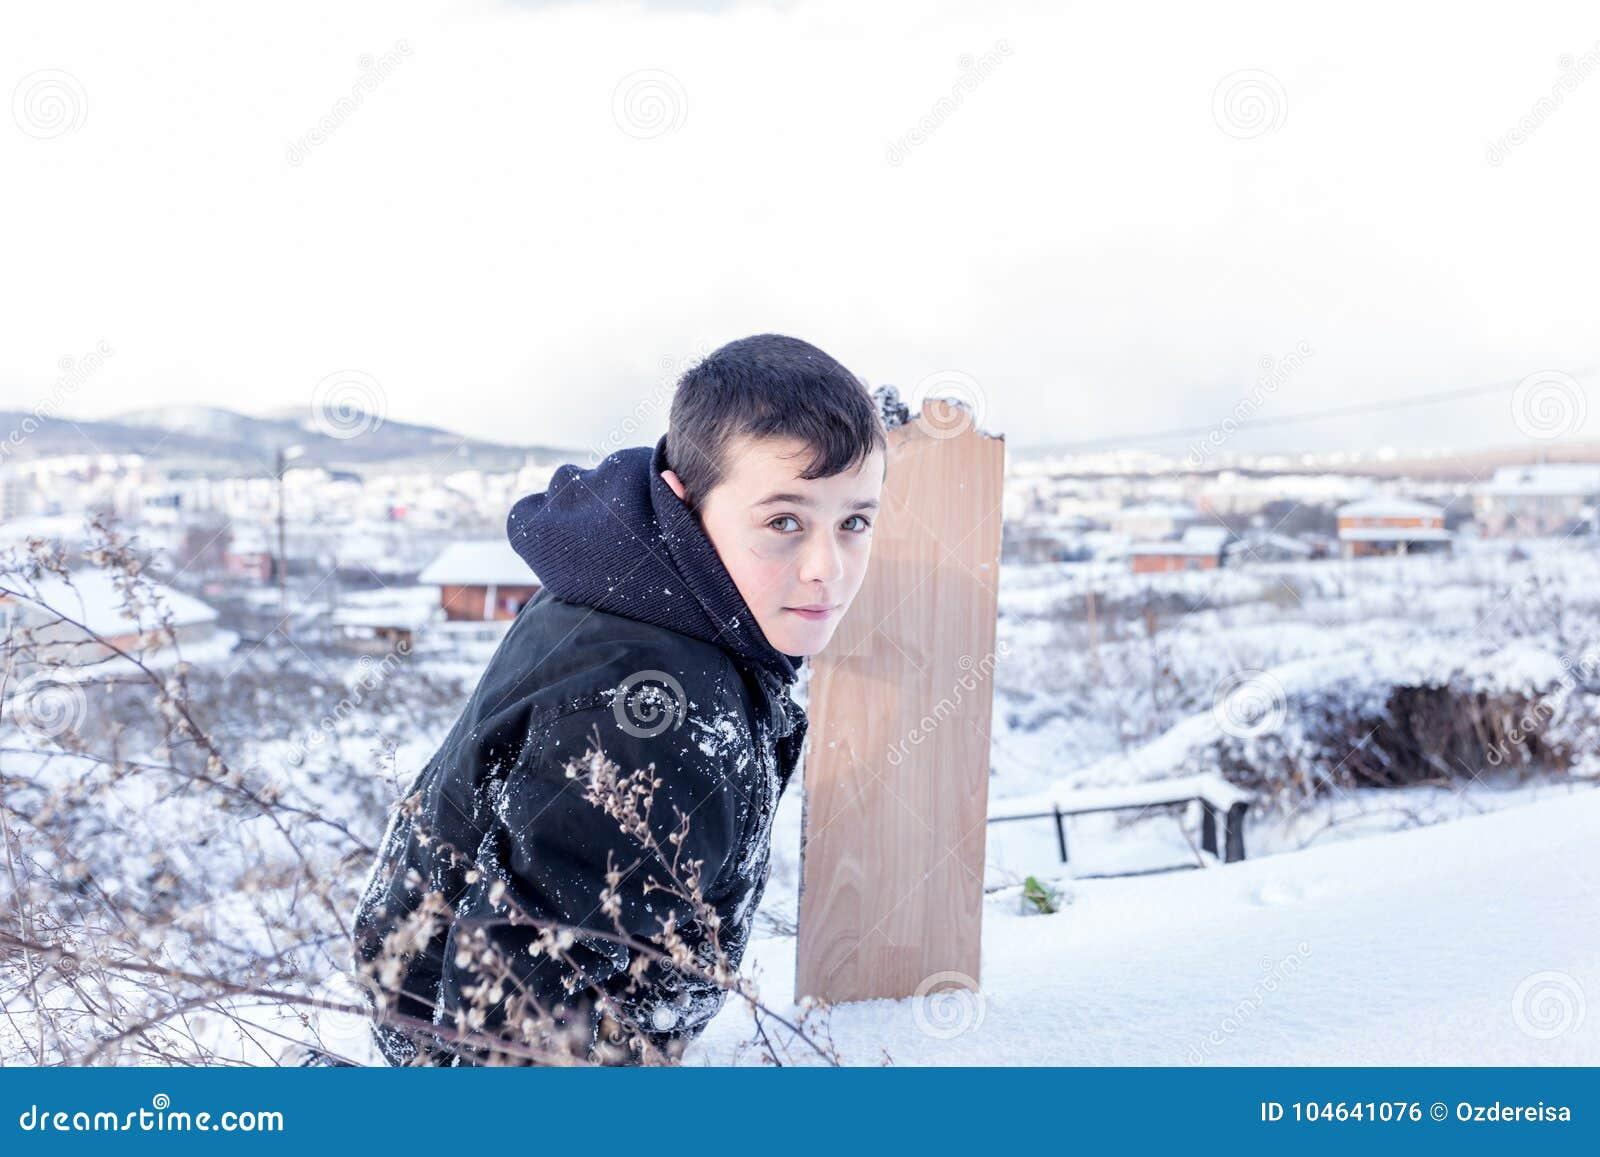 De kinderen glijden op sneeuw in oude schoolstijl met hardhout